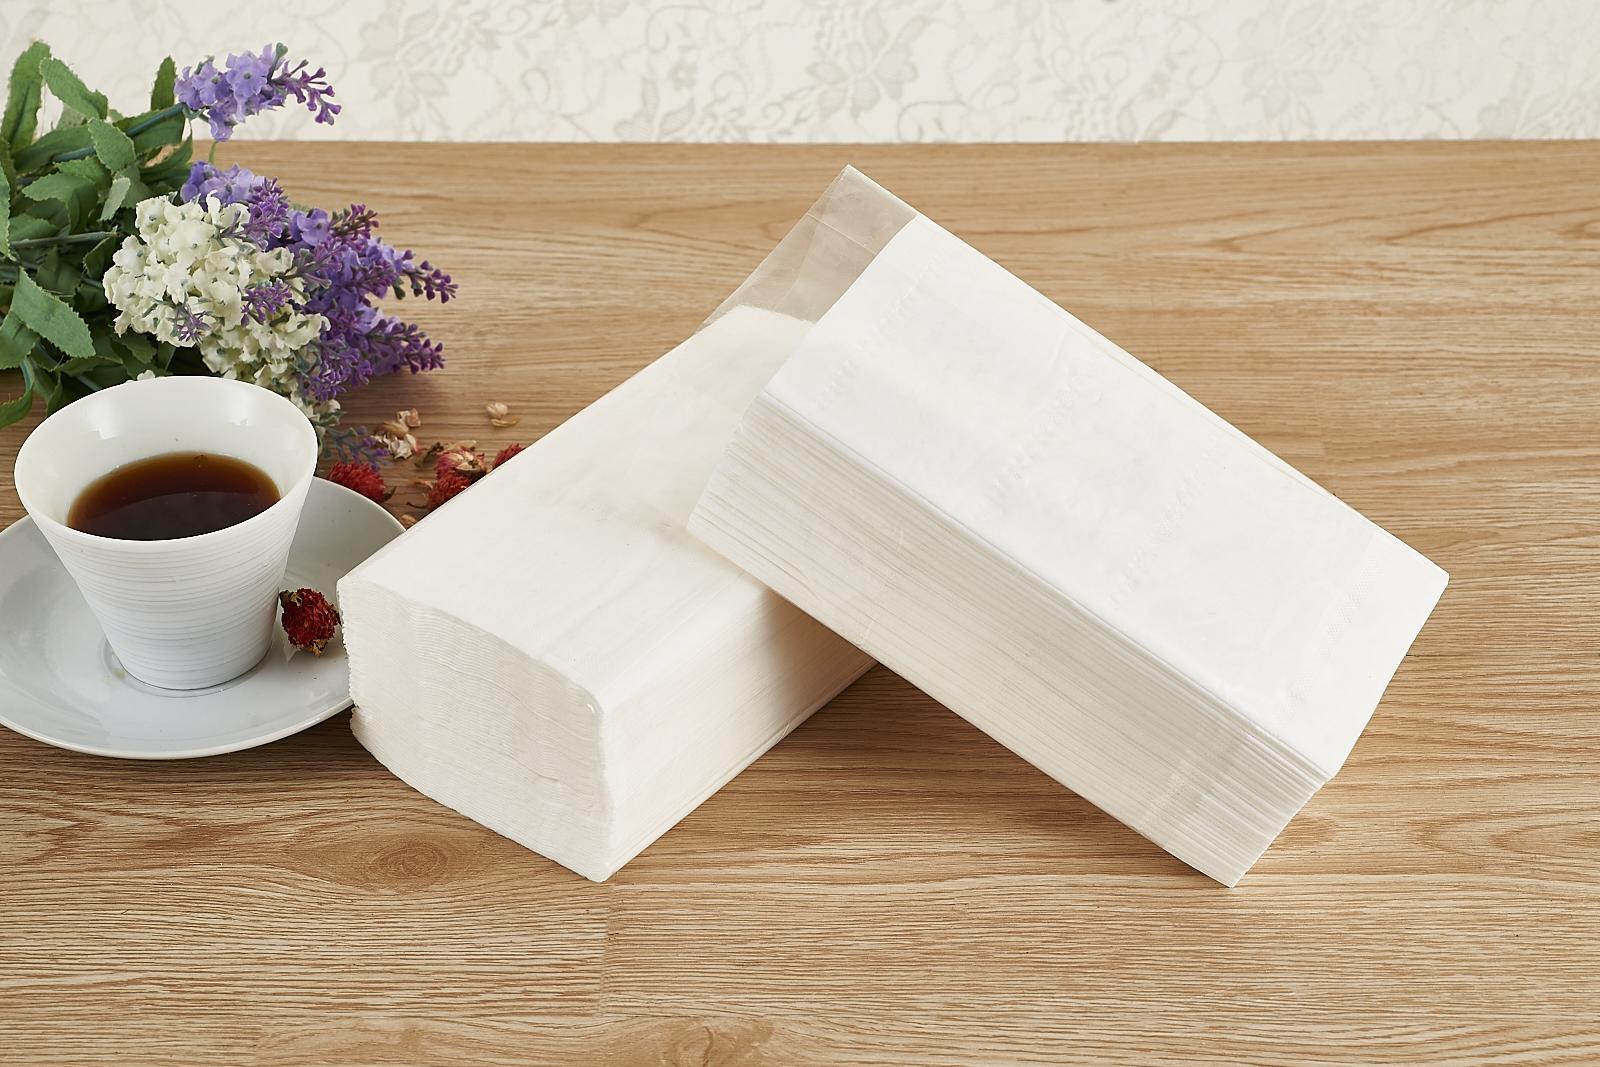 什么样的纸巾不含荧光剂?